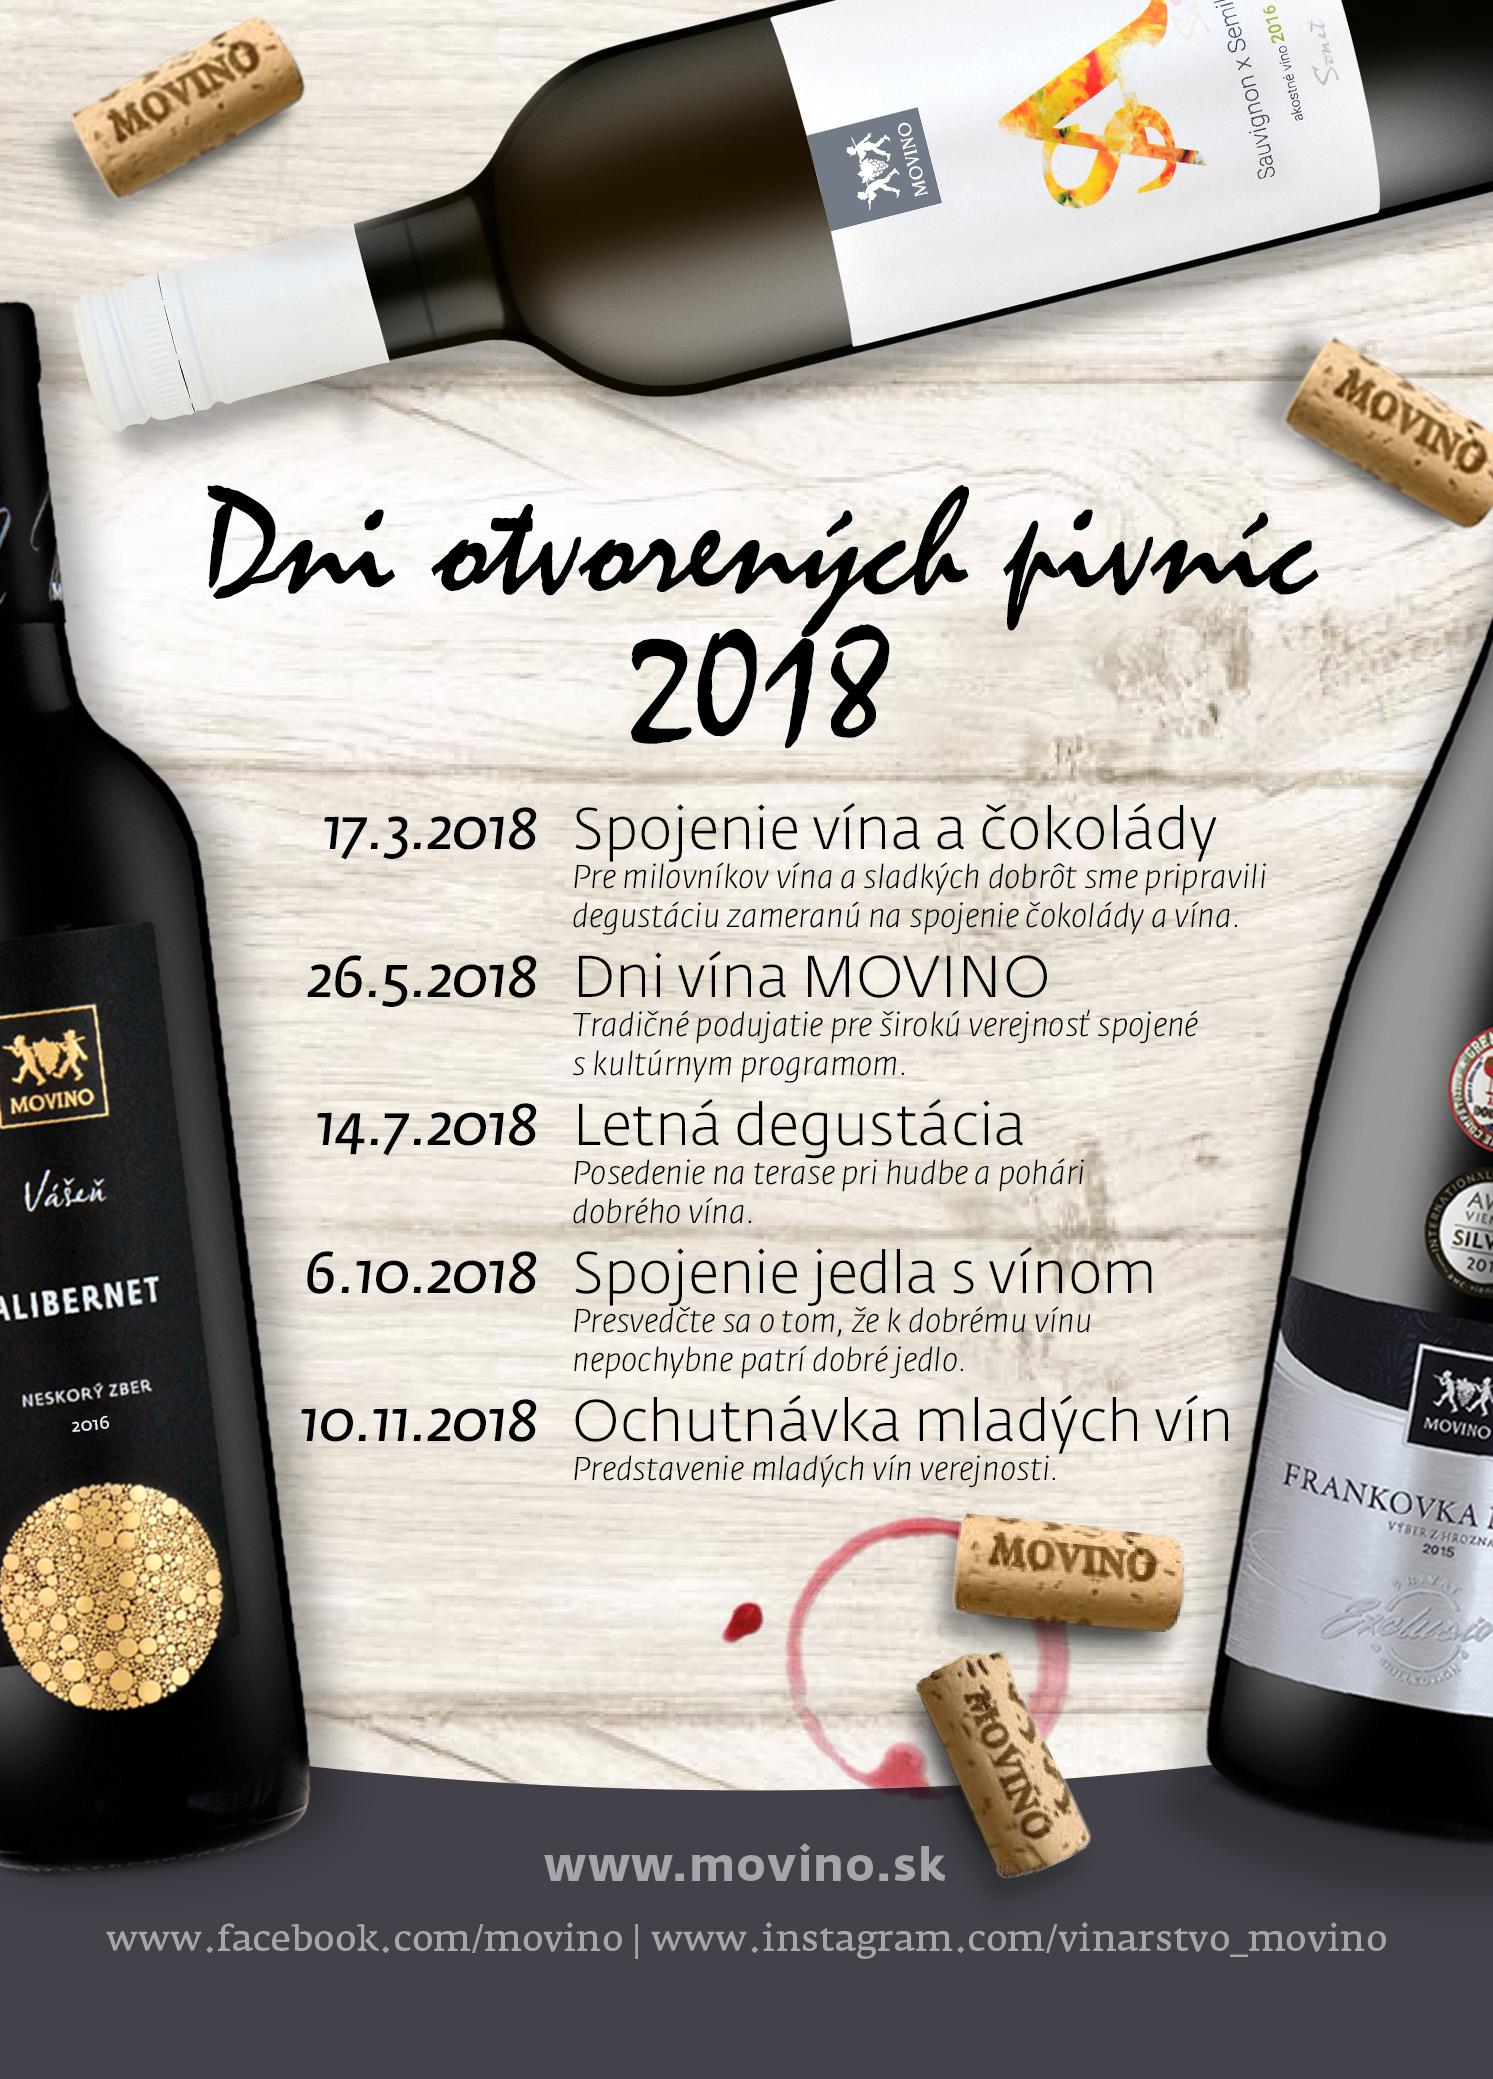 dni_otvorenych_pivnic_movino_2018